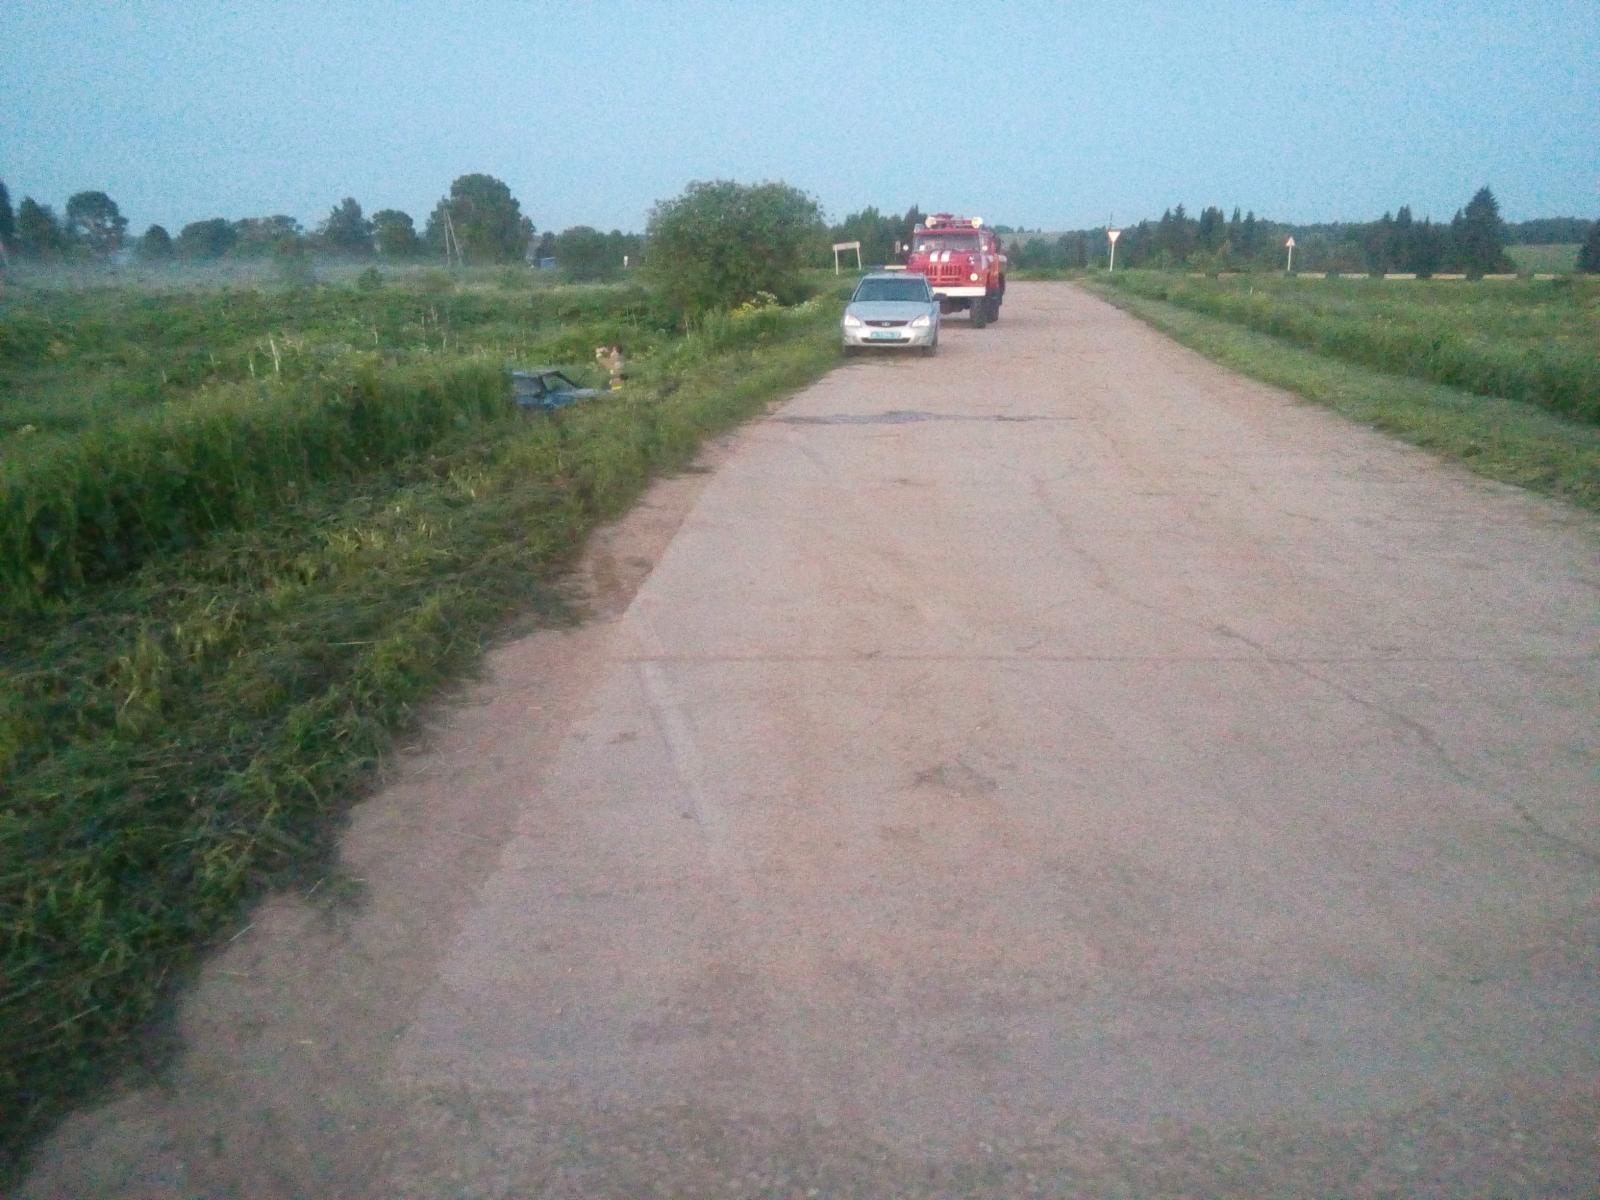 В Кирово-Чепецком районе перевернулся ВАЗ: новая информация о ДТП